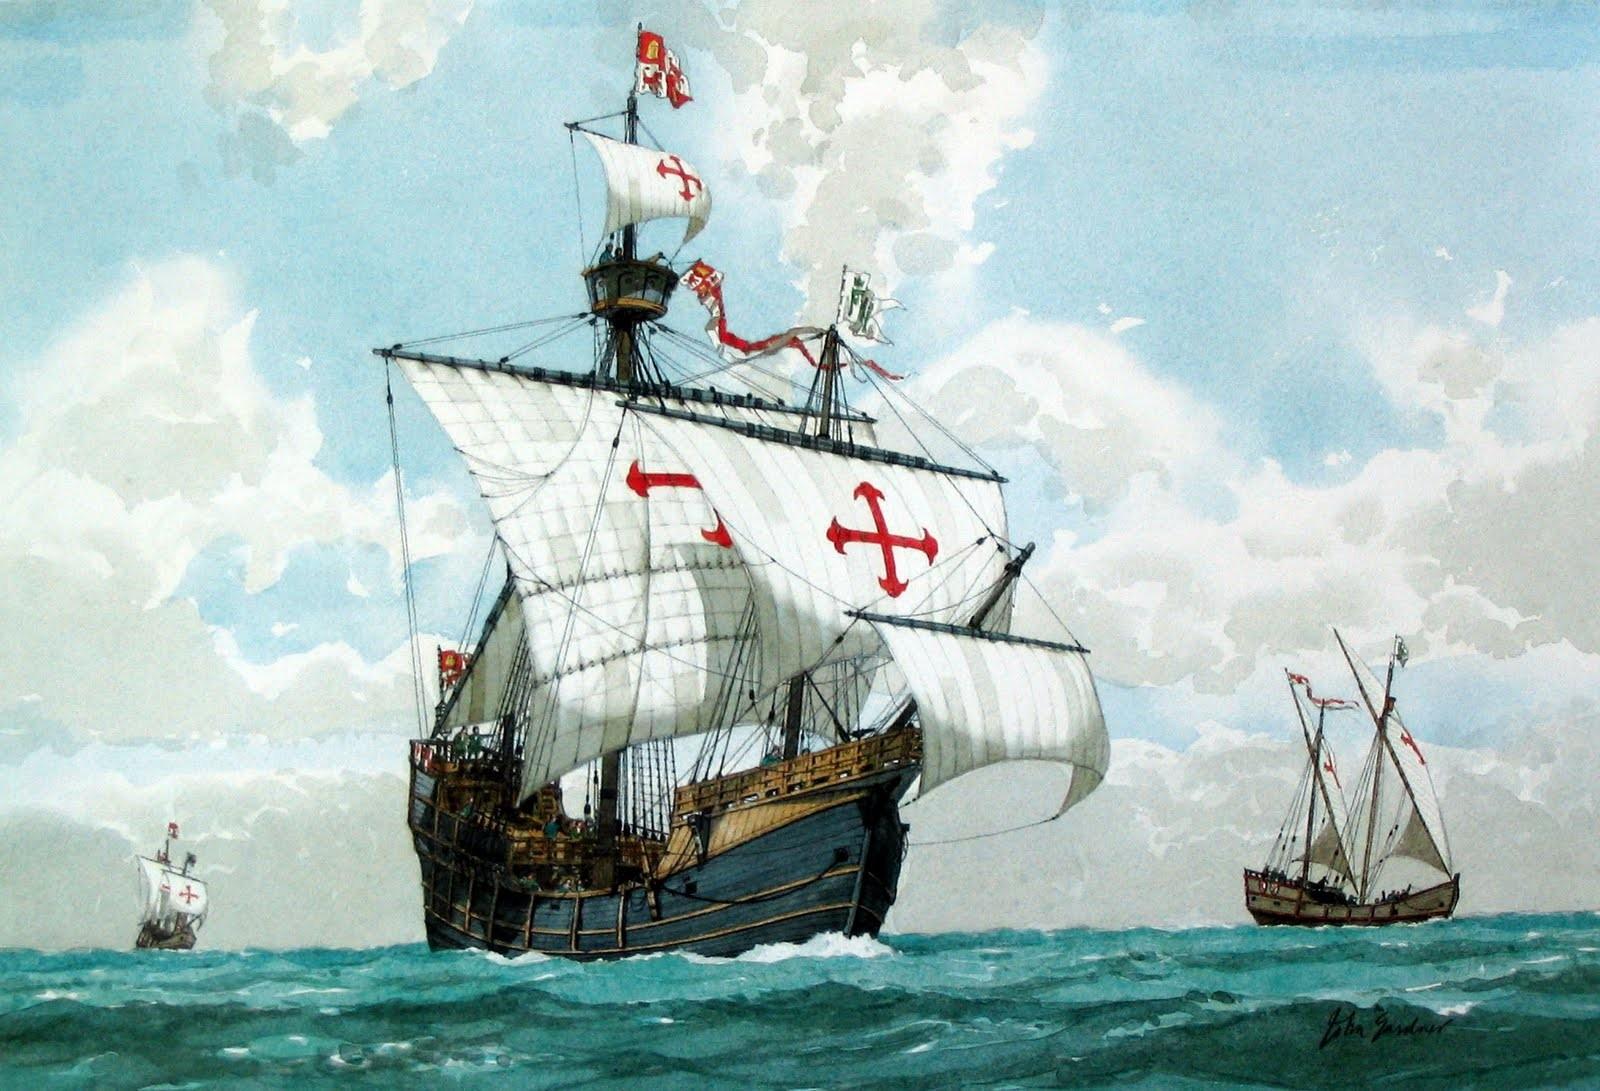 Santa Maria, a caravela de Cristóvão Colombo, pode ter sido encontrada